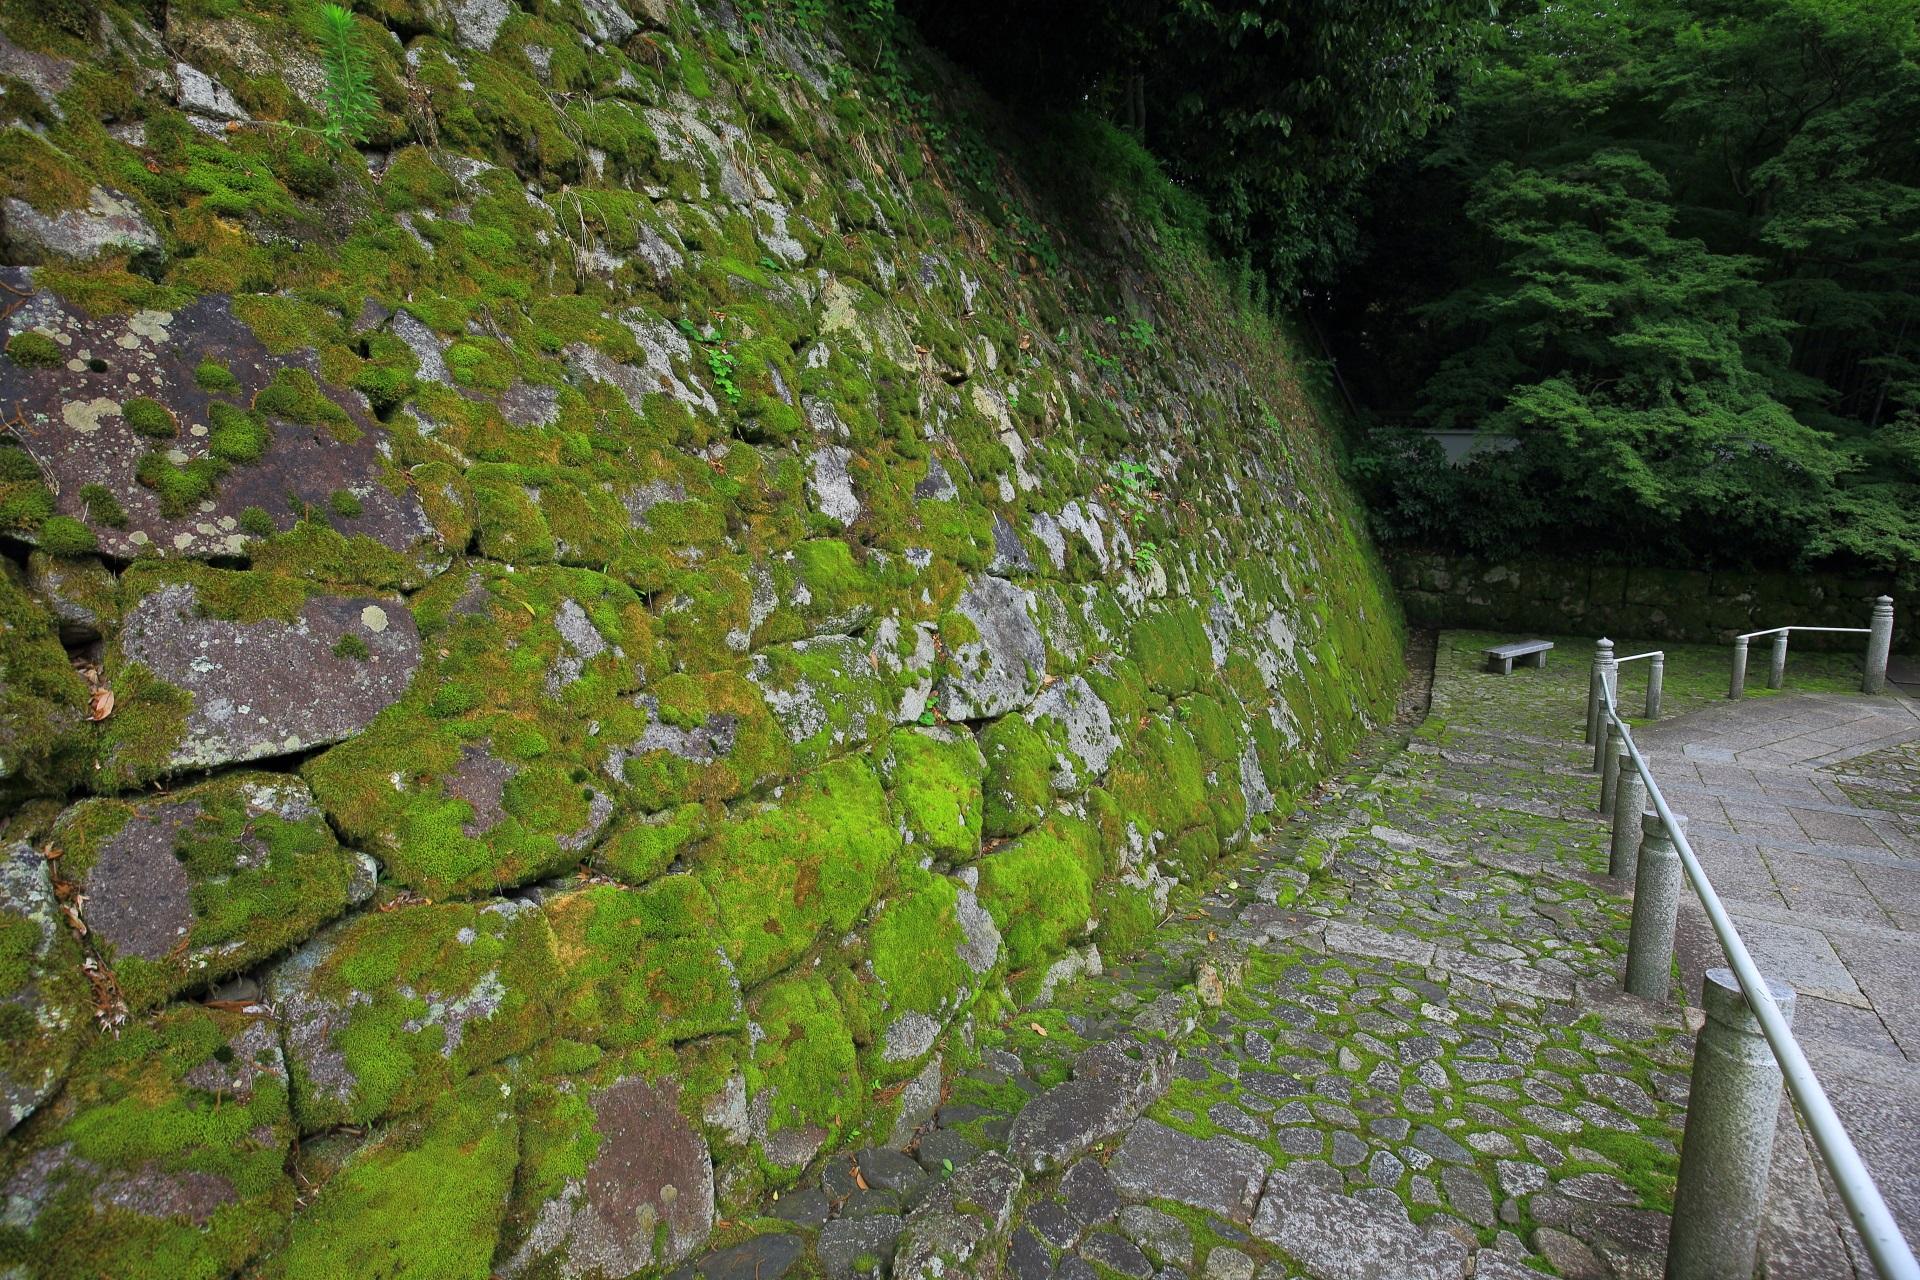 黒門坂の石垣の深い緑の苔